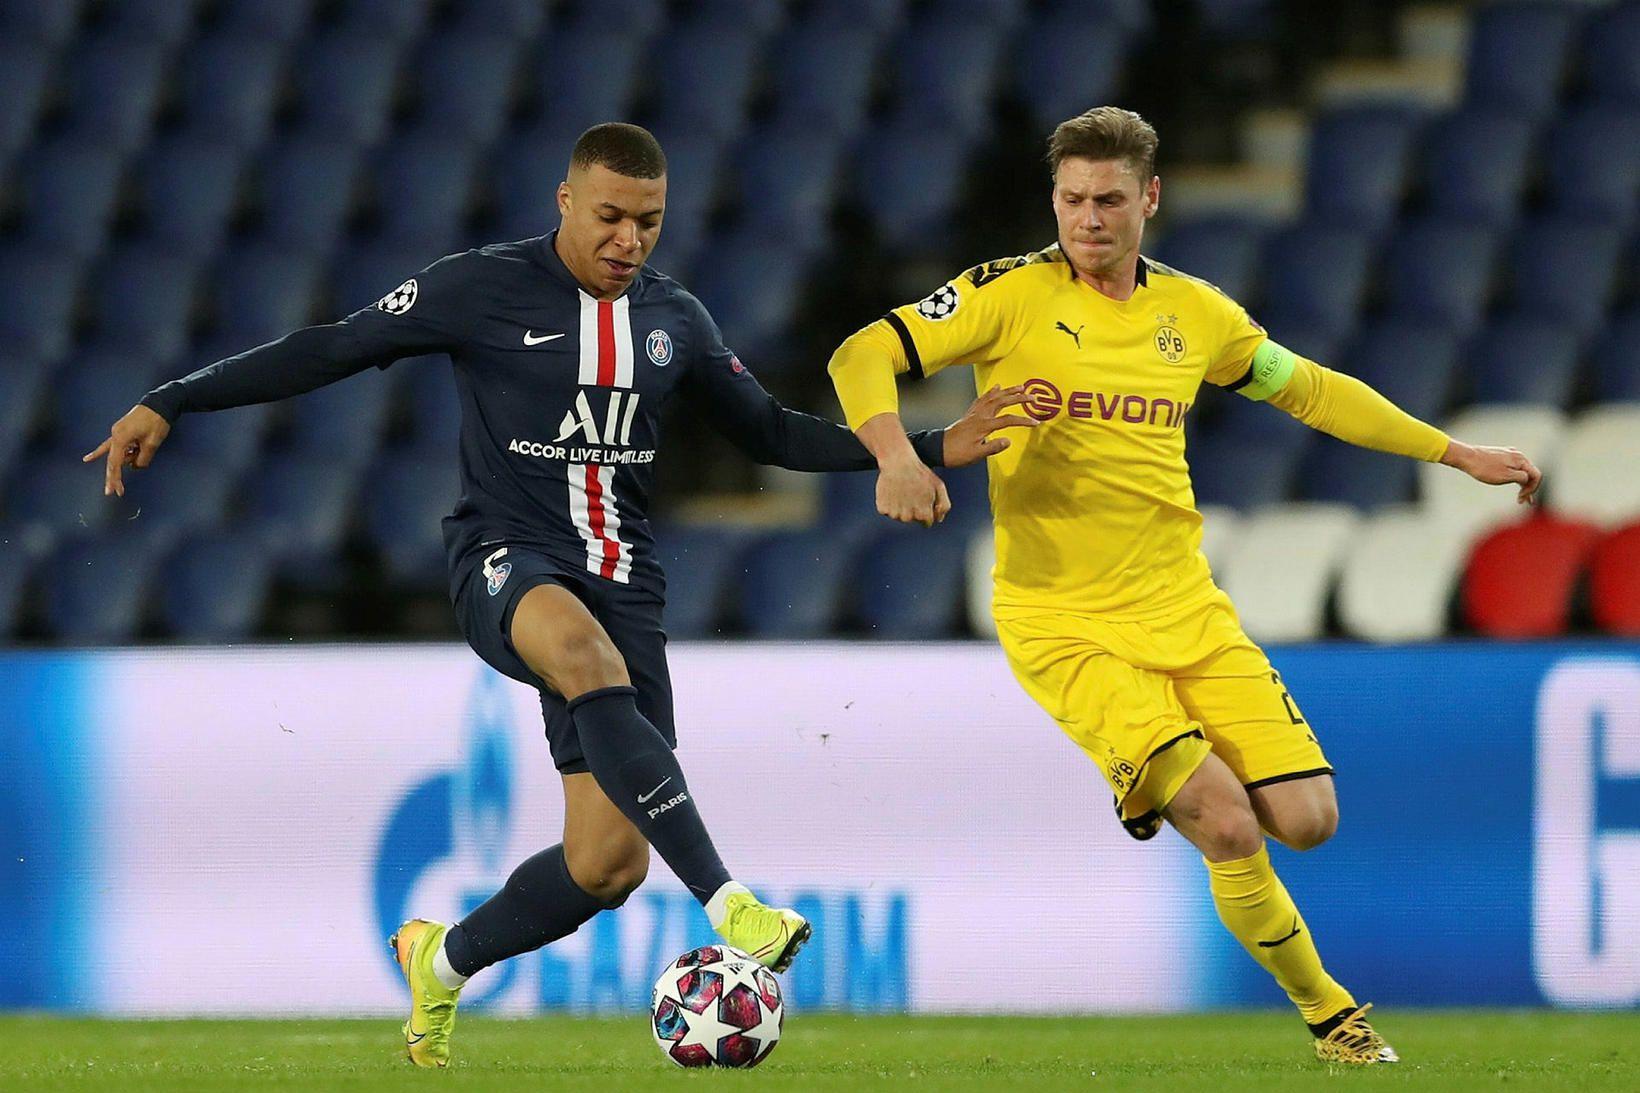 Frá leik Dortmund og PSG í Meistaradeildinni.